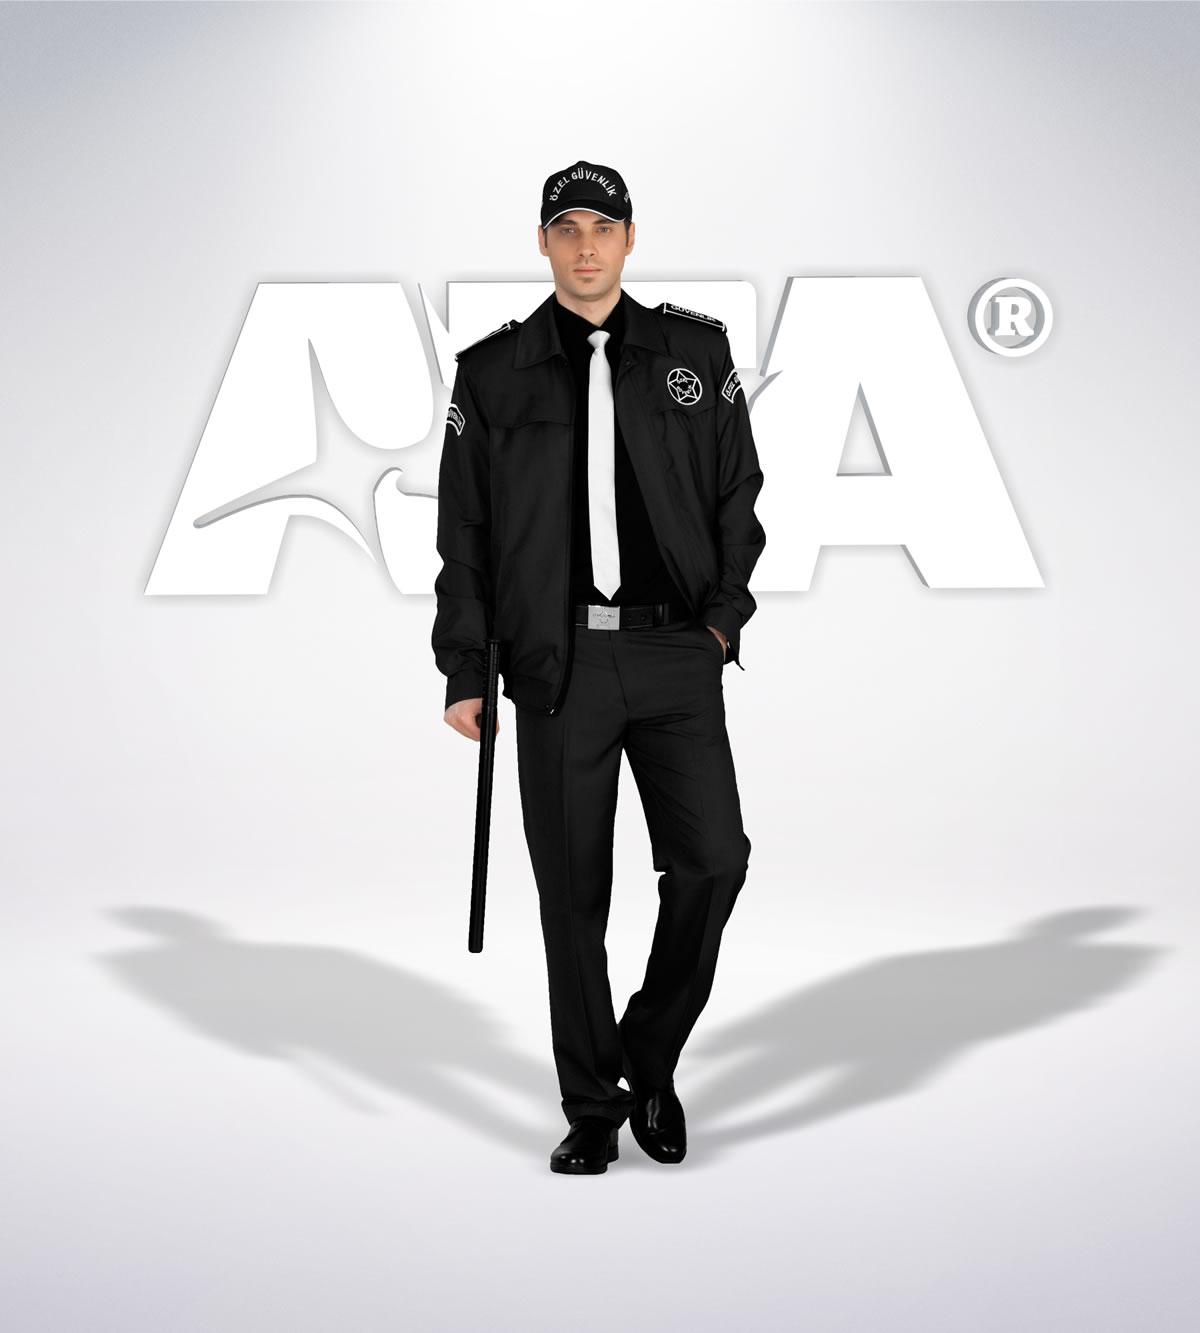 ATA 161 - ön - Pantolon kışlık - mont - aksesuar reflektör - güvenlik elbiseleri | güvenlik üniformaları | güvenlik kıyafetleri